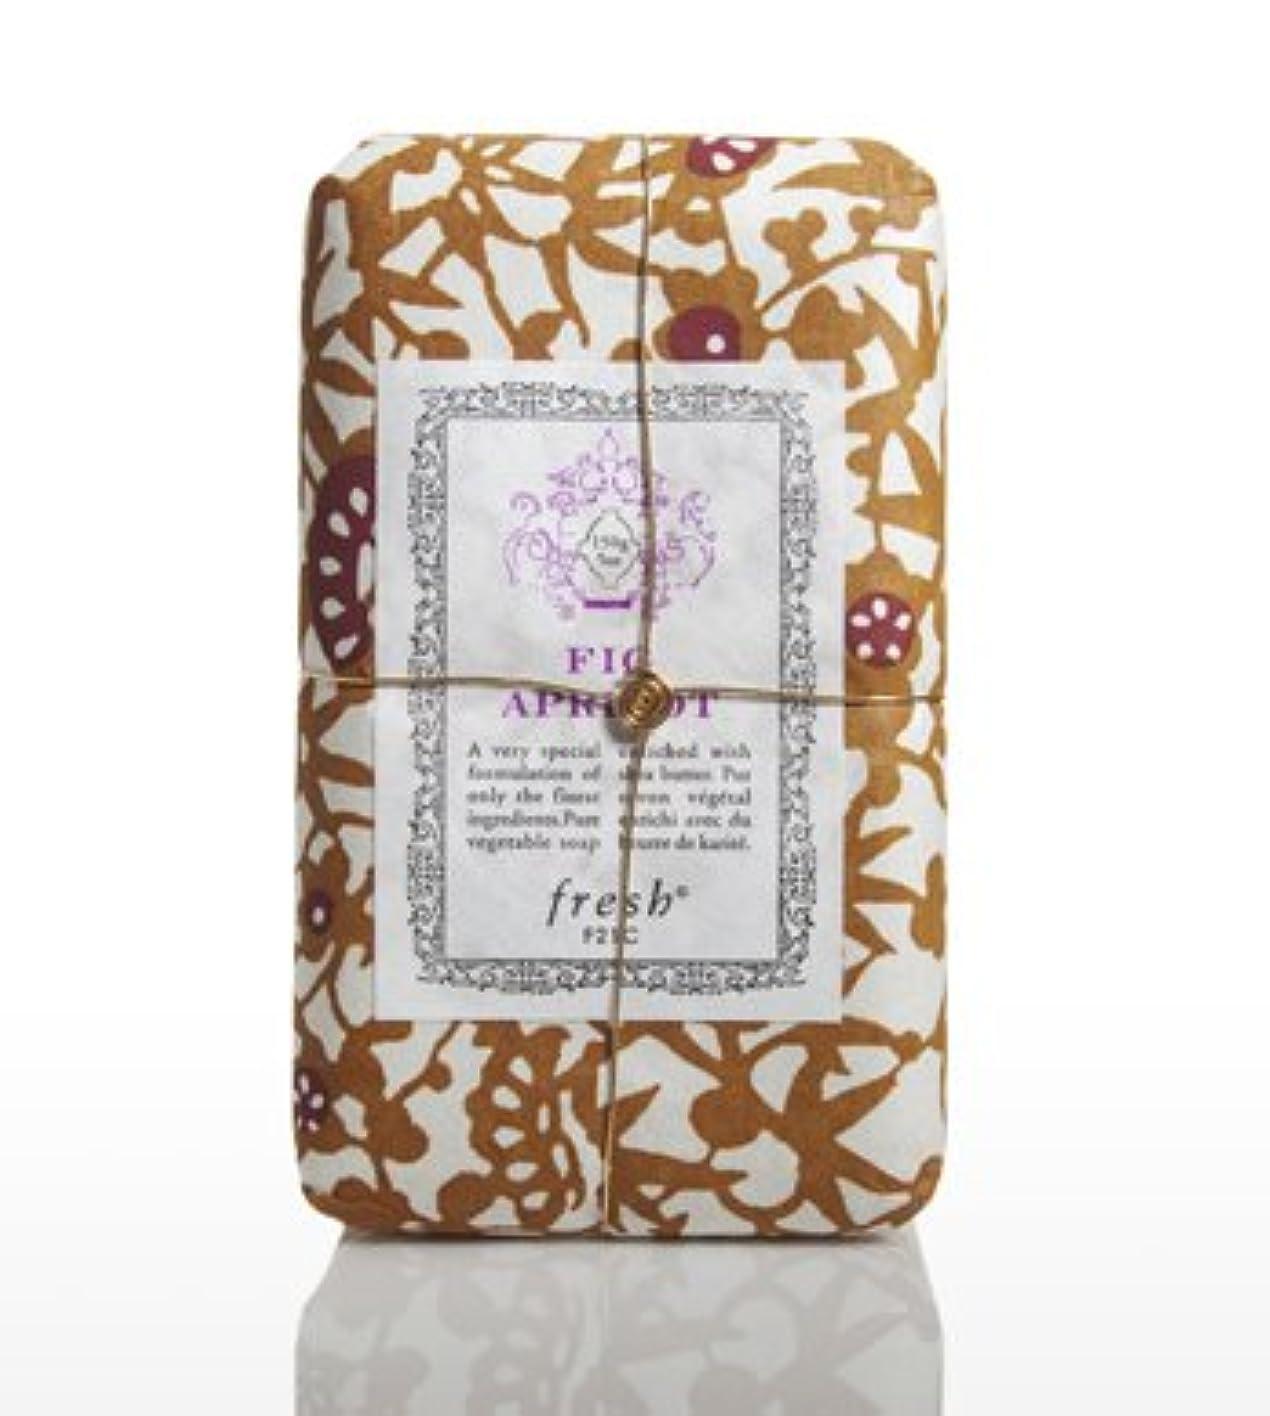 みすぼらしいたまに解任Fresh FIG APRICOT SOAP(フレッシュ フィグアプリコット ソープ) 5.0 oz (150gl) 石鹸 by Fresh